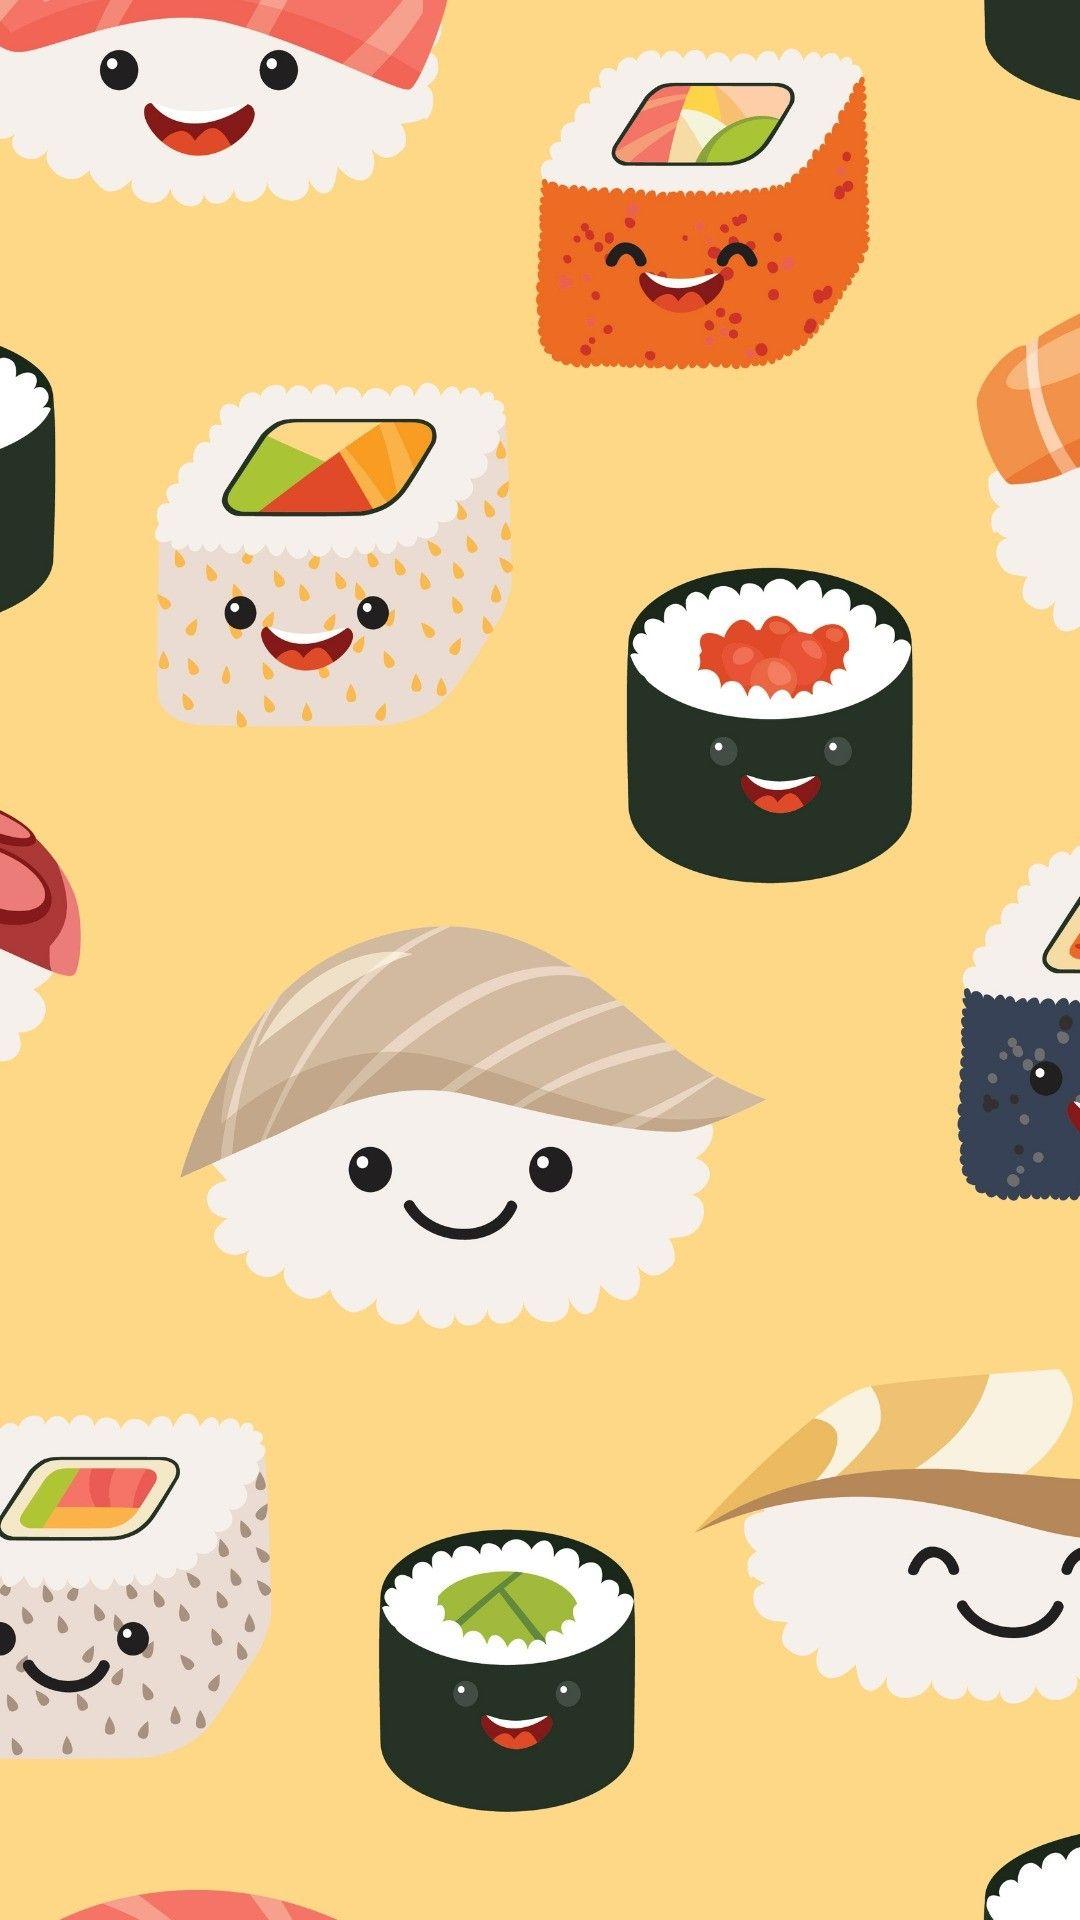 Pin By Jiranuch Suwanarat On Satin Alinacak Seyler Wallpaper Iphone Cute Kawaii Wallpaper Cute Cartoon Wallpapers